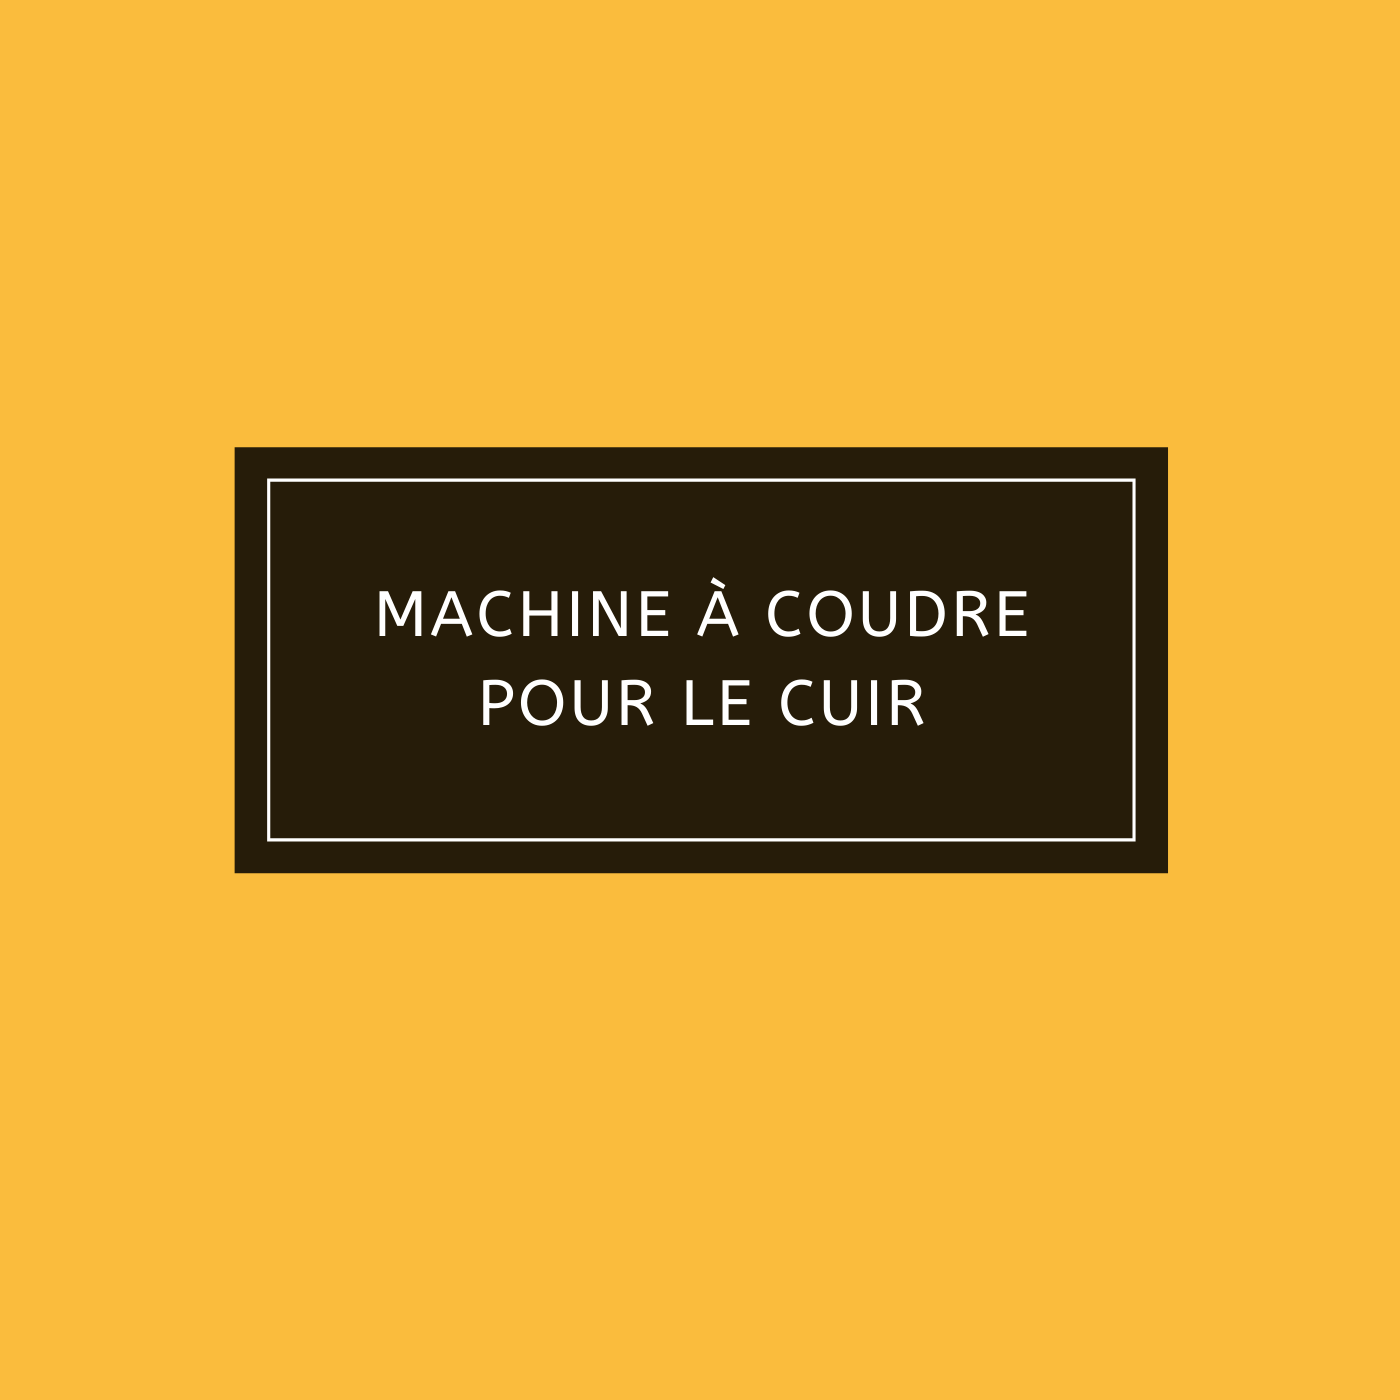 Machine à coudre pour le cuir